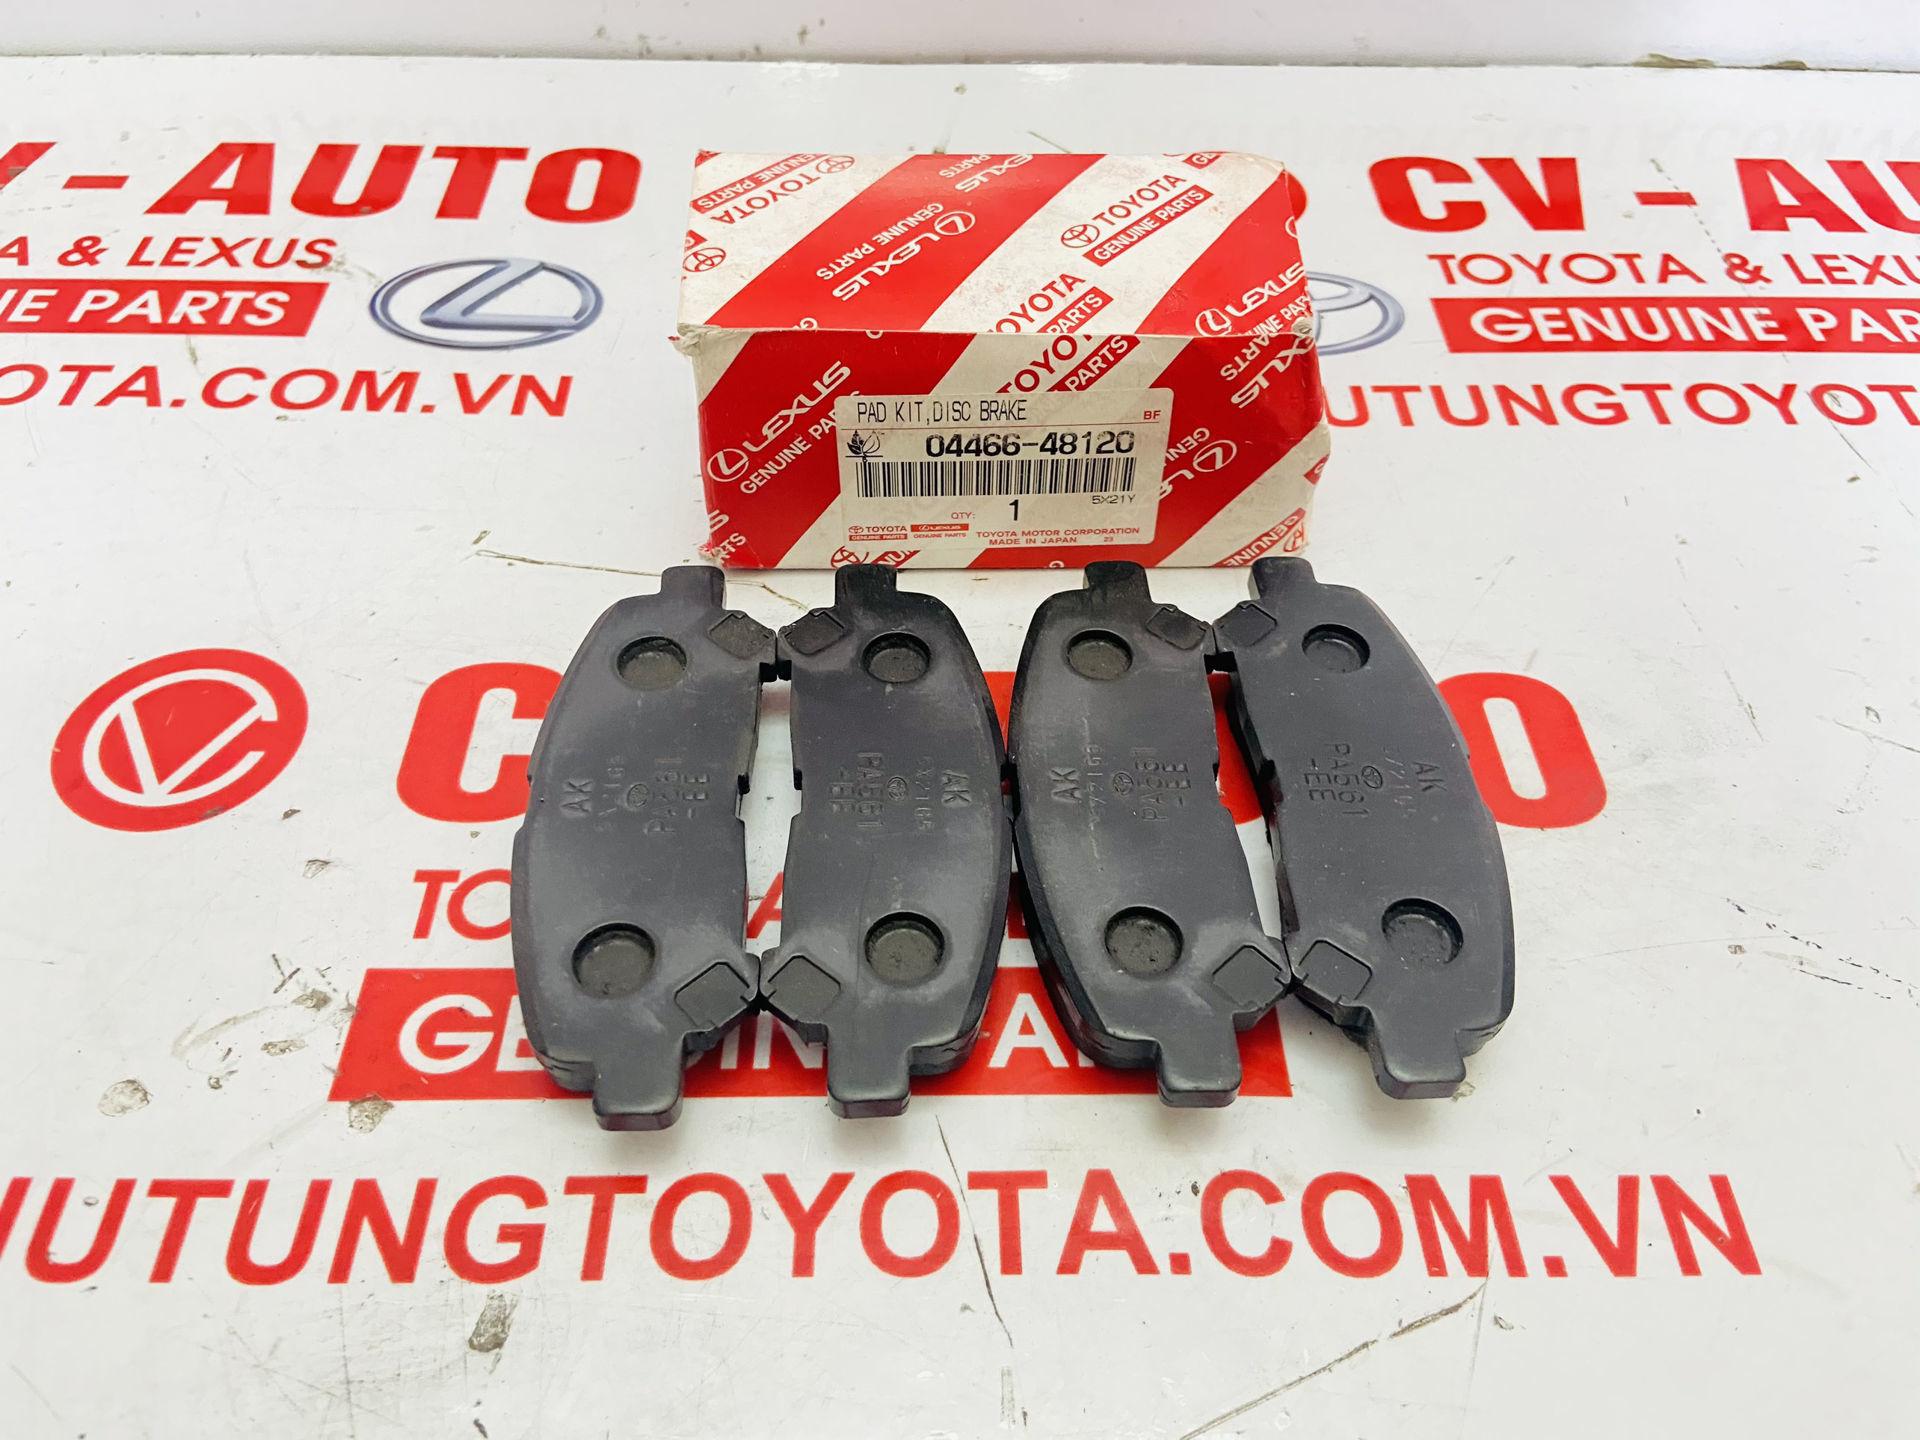 Picture of 04466-48120, 0446648120 Má phanh sau Toyota Highlander 2008-2015 chính hãng